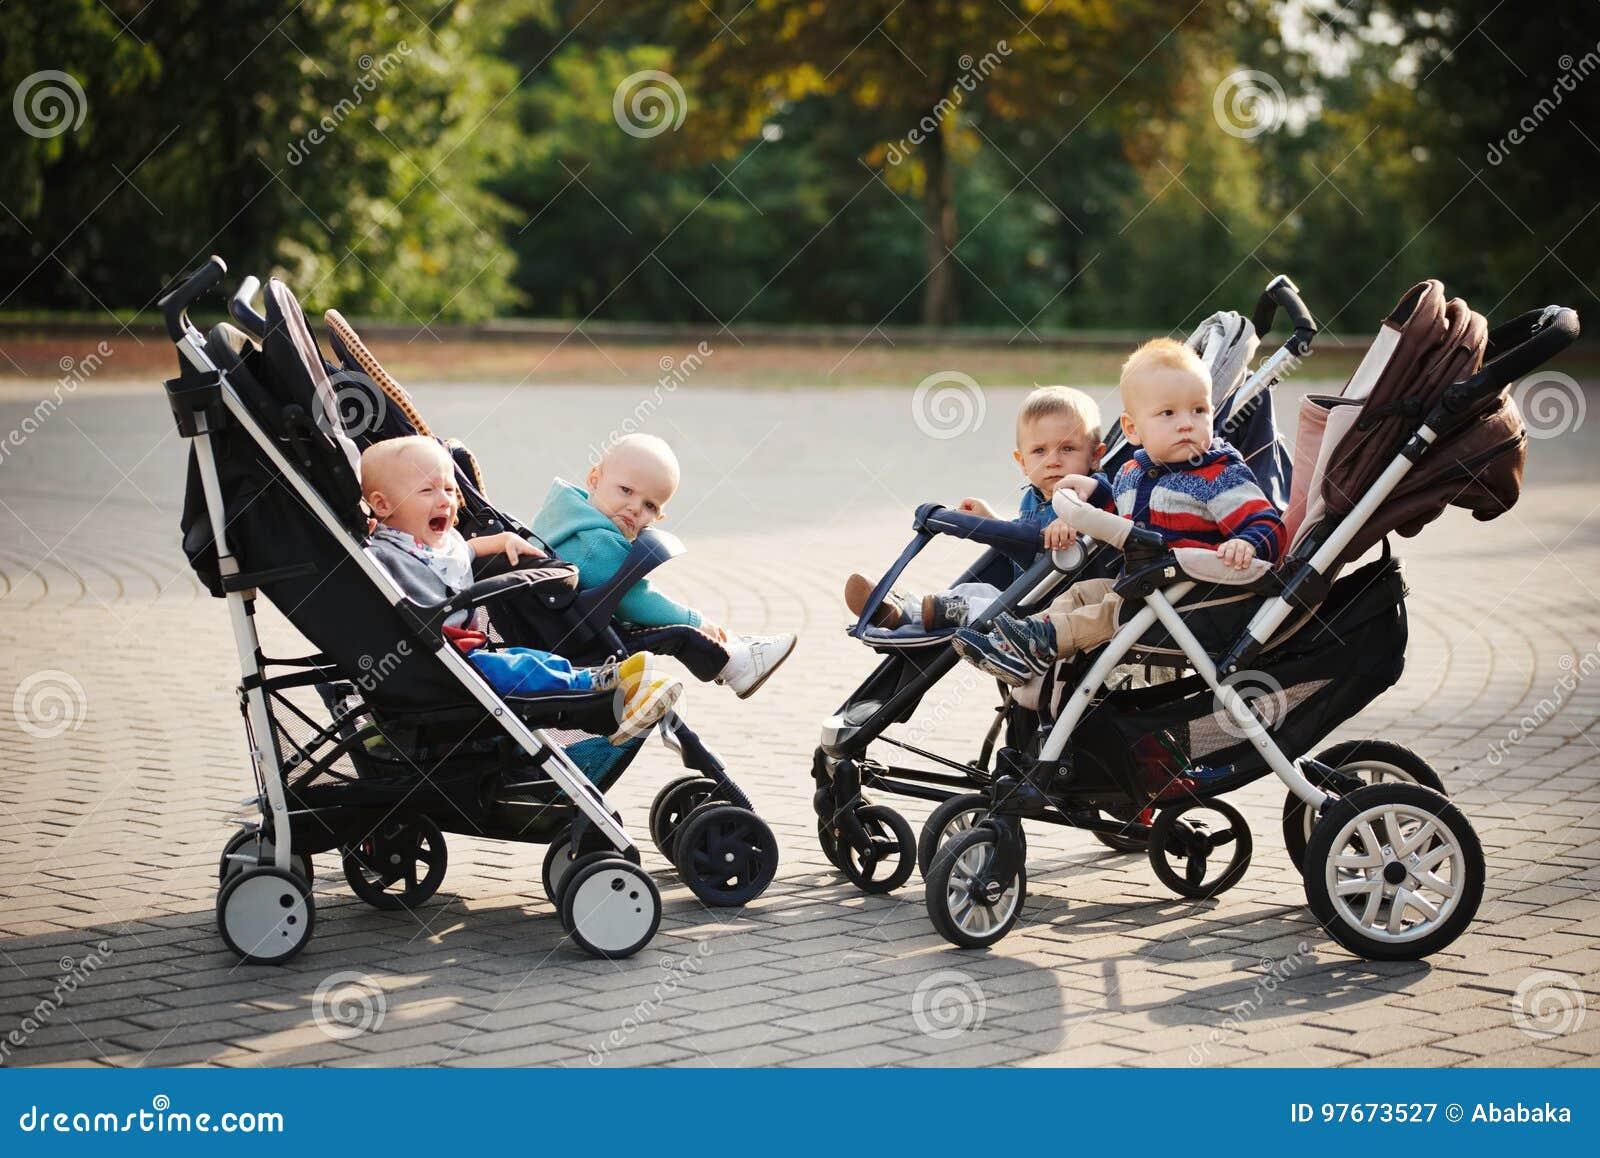 Śmieszni dzieci siedzi w spacerowiczach w parku